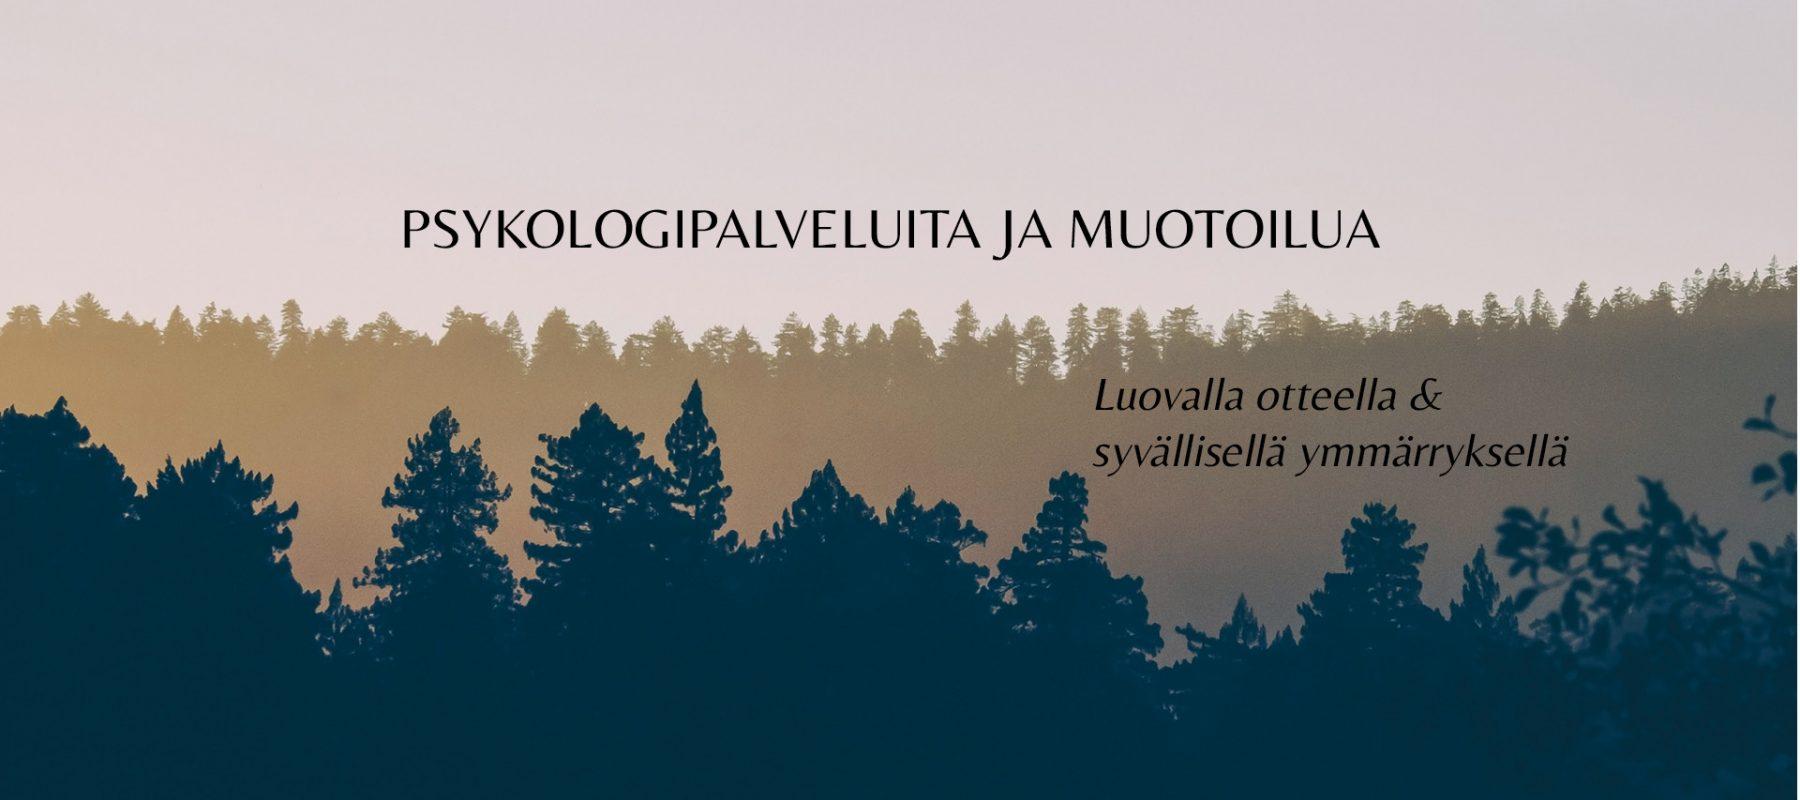 Taide- ja työpsykologi Marjukka Laurola